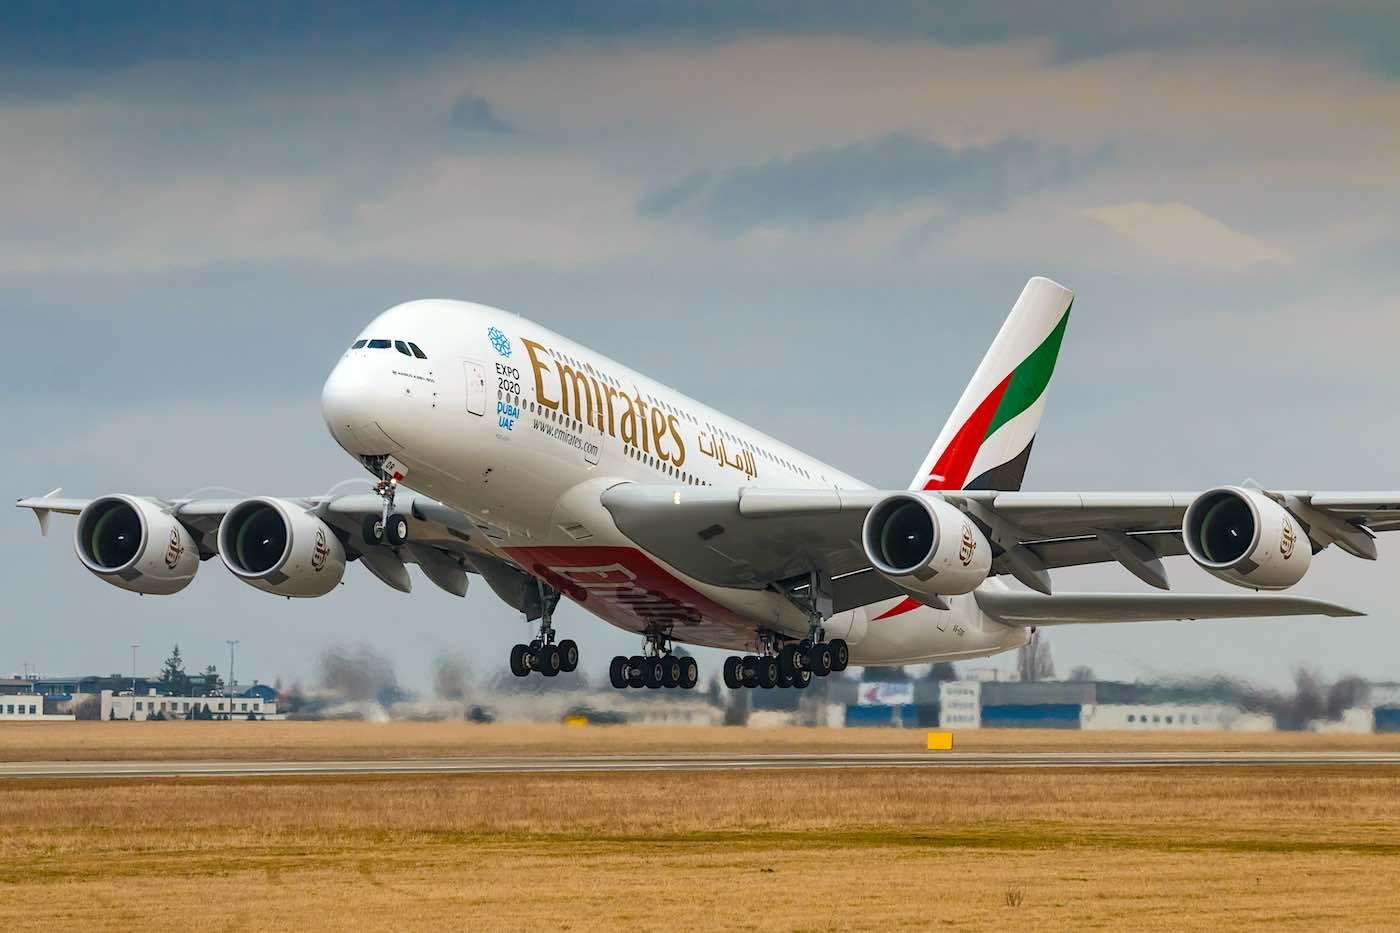 Vuele a Dubai en Emirates y gánese una estancia gratuita de dos noches en uno de los hoteles más altos del mundo